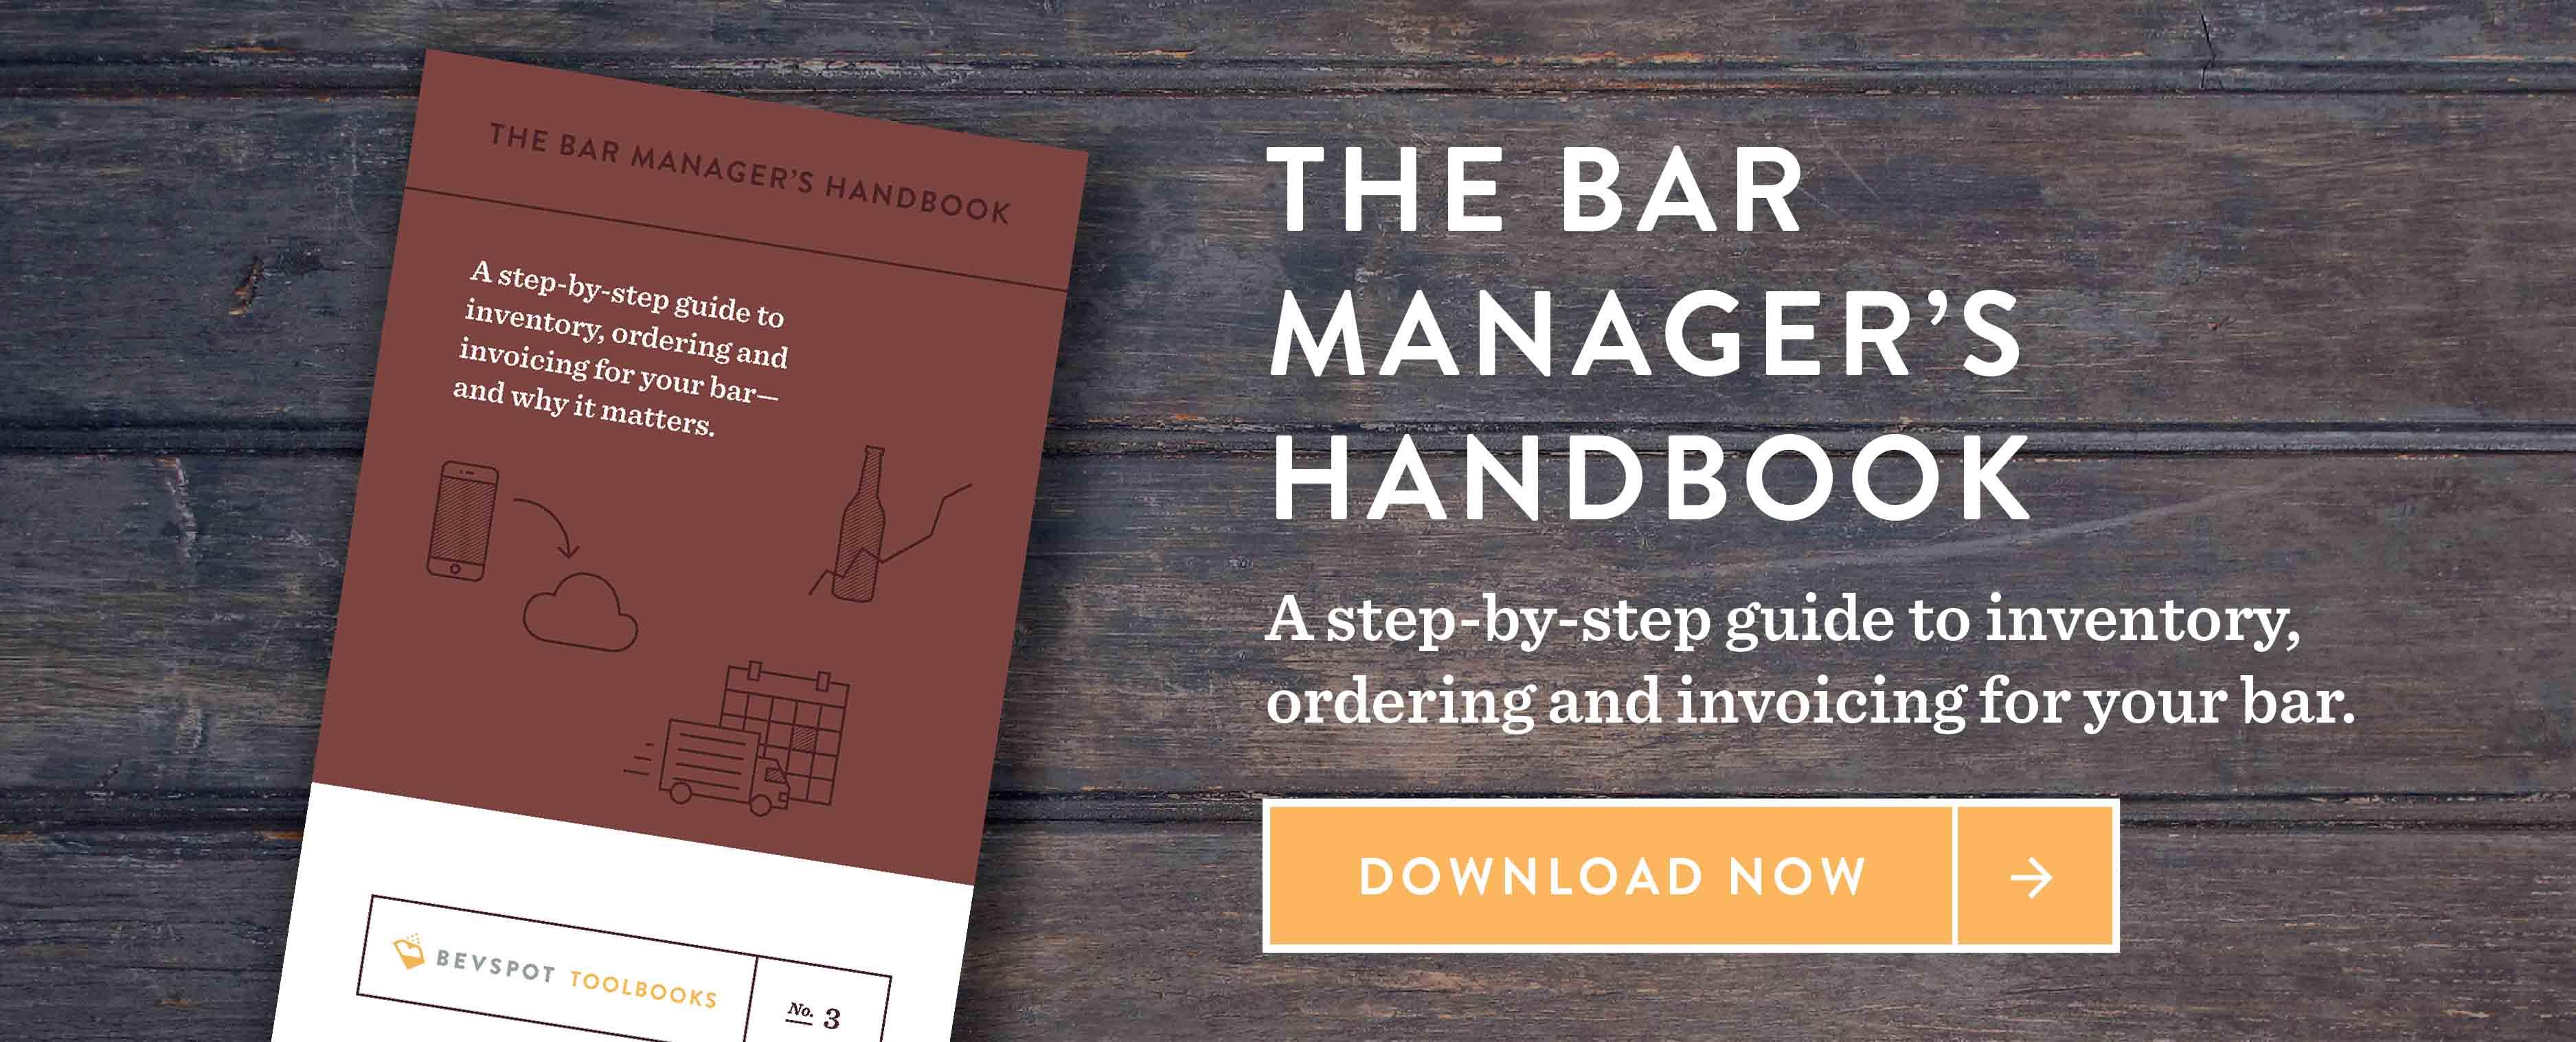 bevspot bar managers handbook